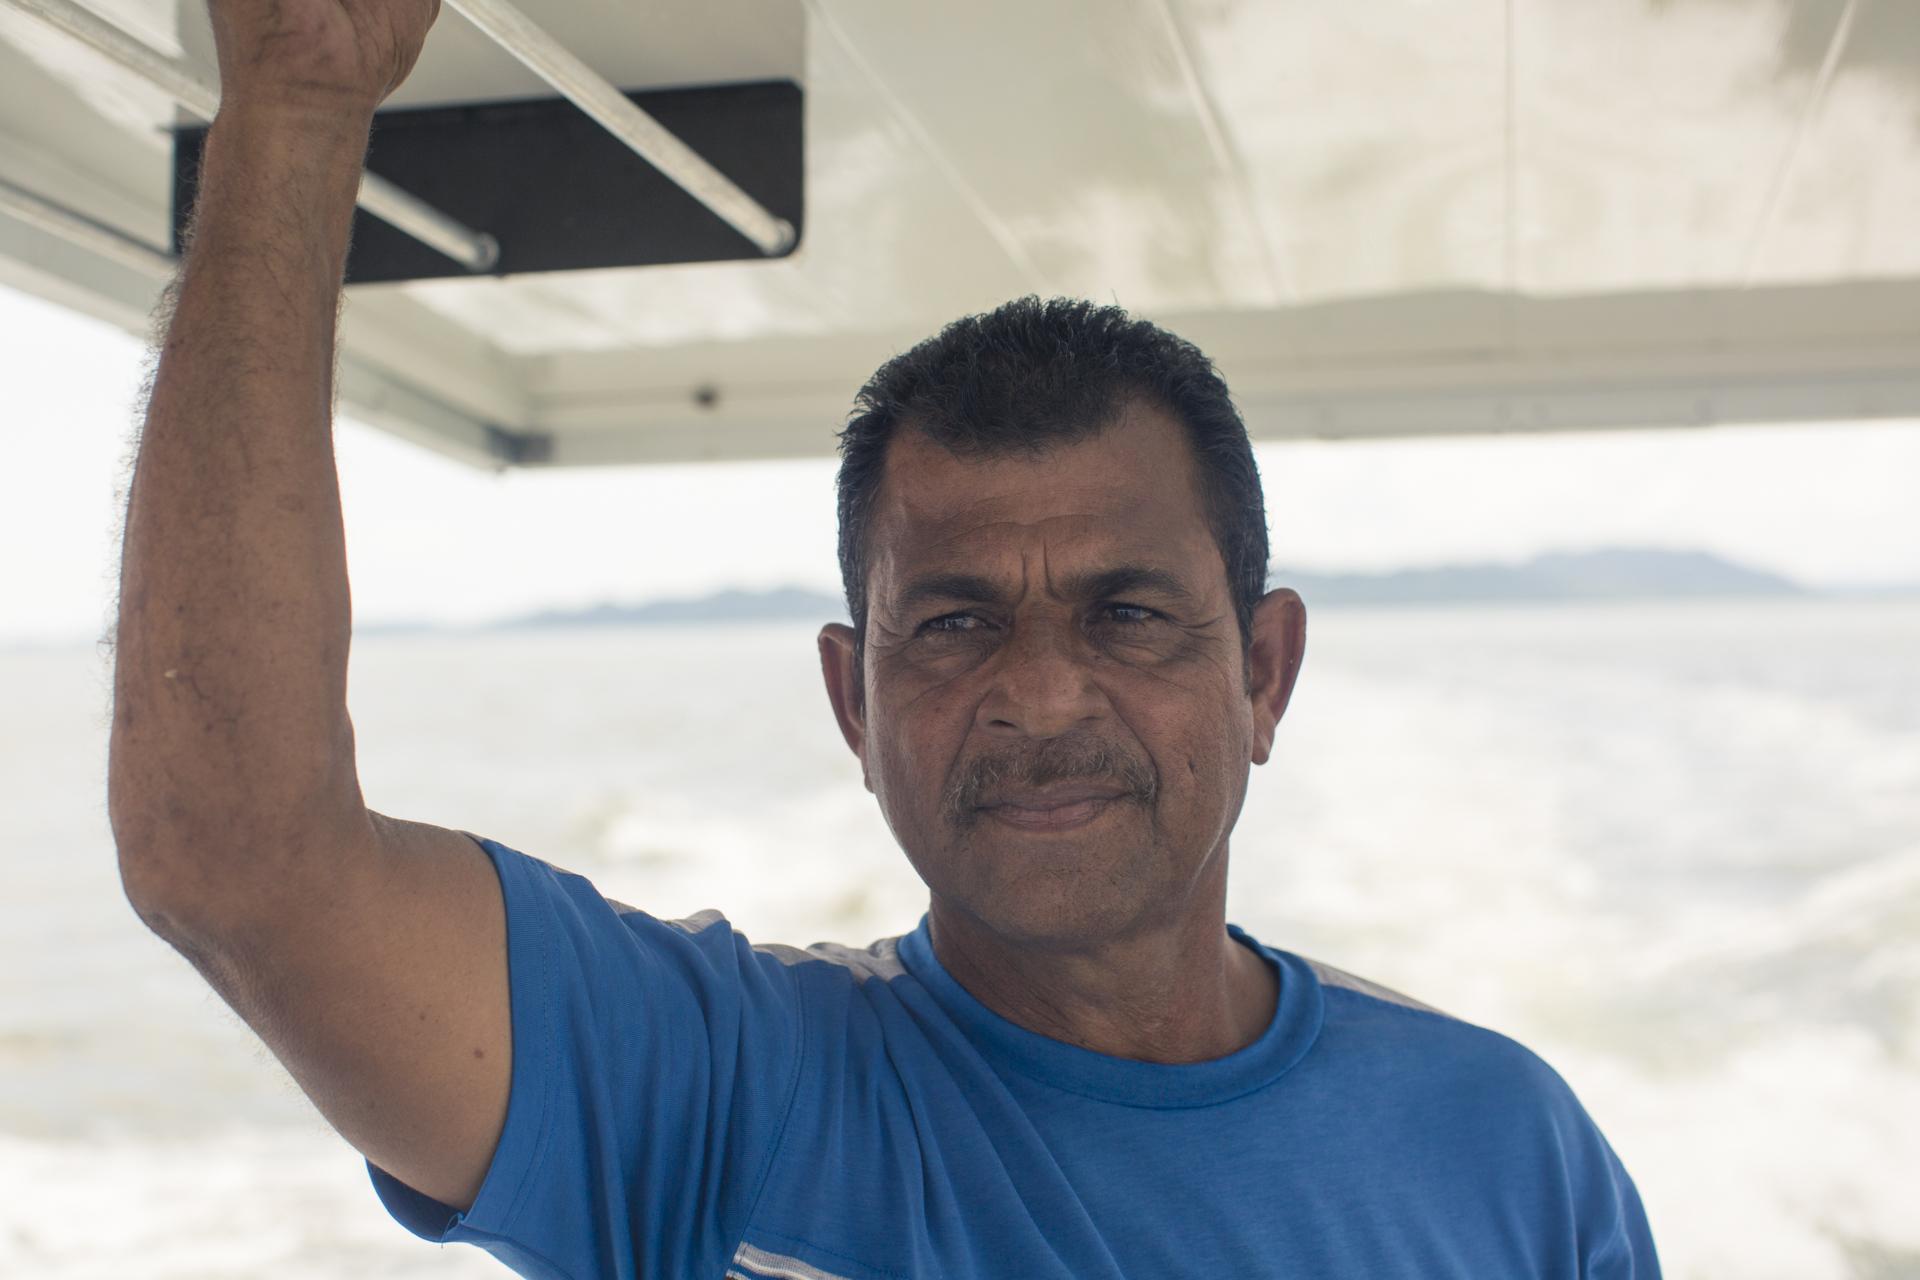 Don Rafael, como líder entre pescadores, sigue impulsando a sus comunidad a unirse y alzar la voz en contra de la pesca ilegal que tanto los han afectado.